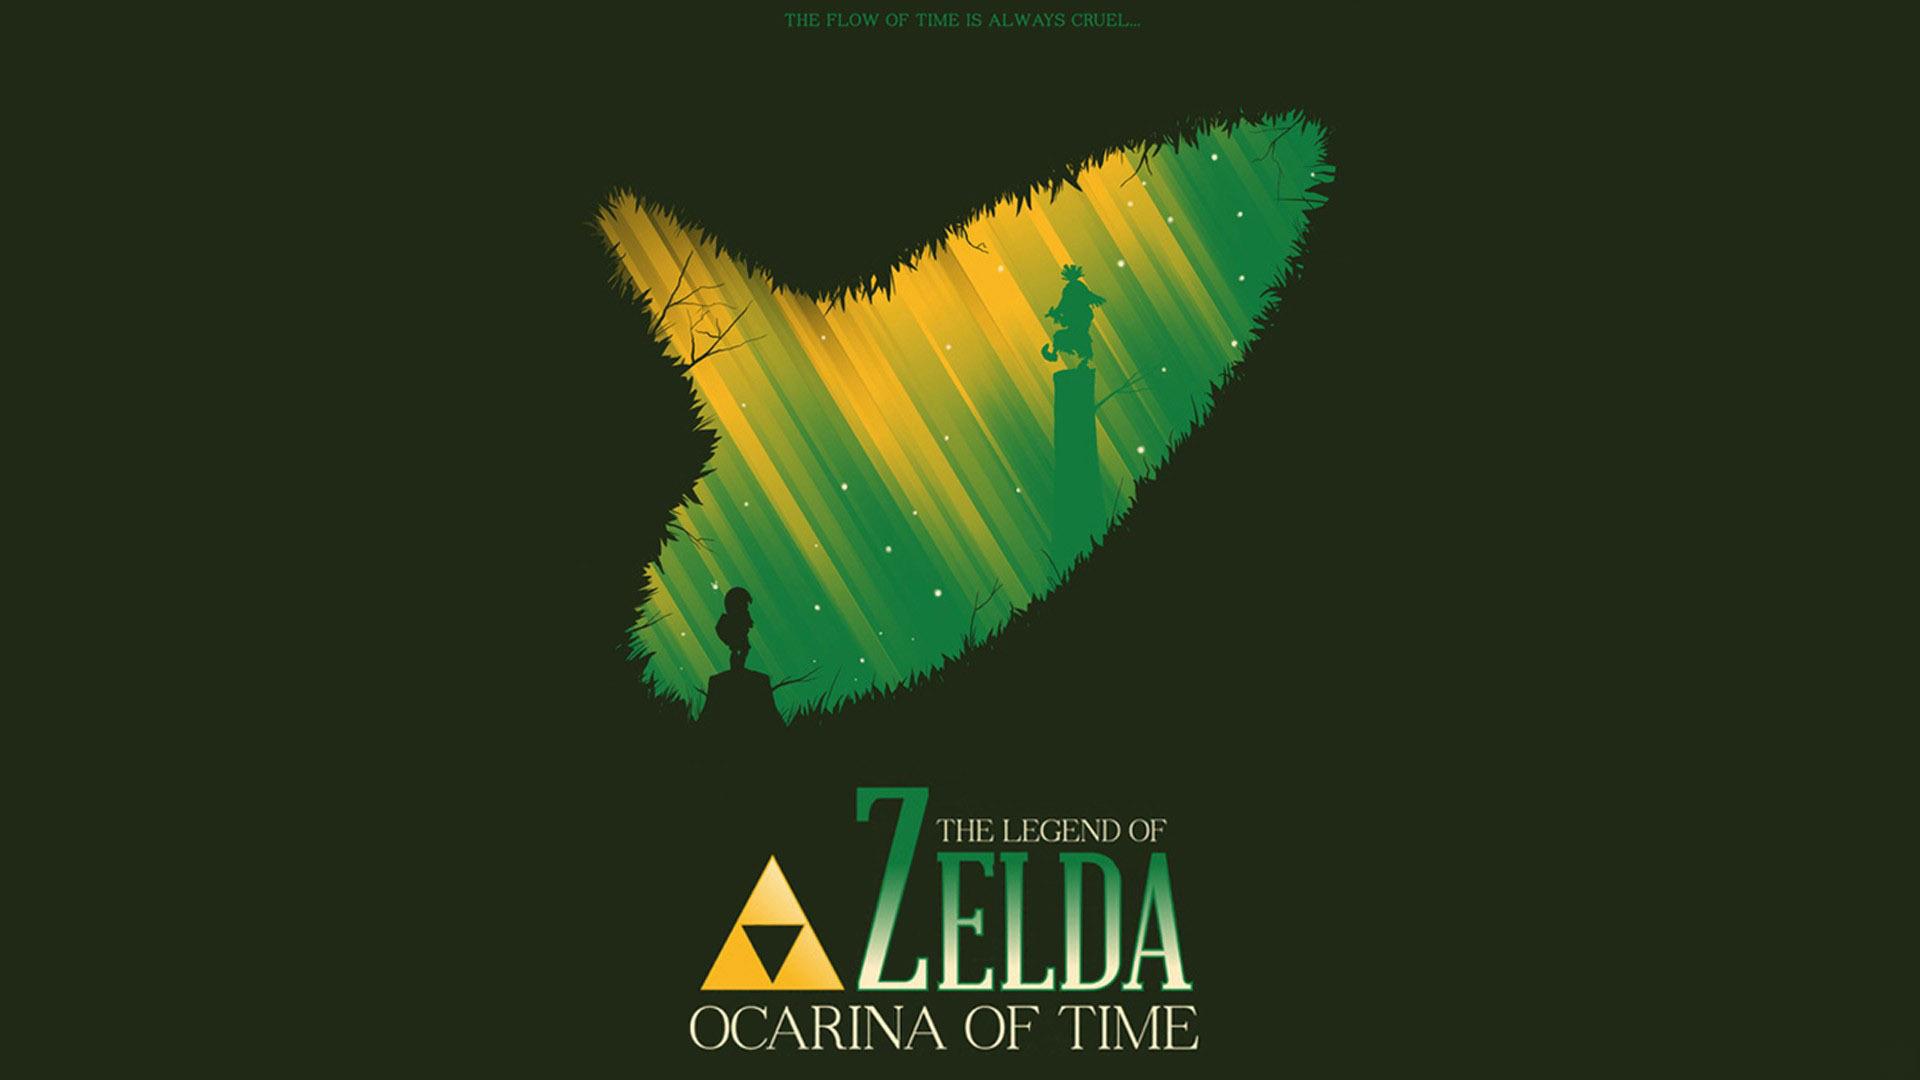 Ocarina of Time Wallpaper - WallpaperSafari